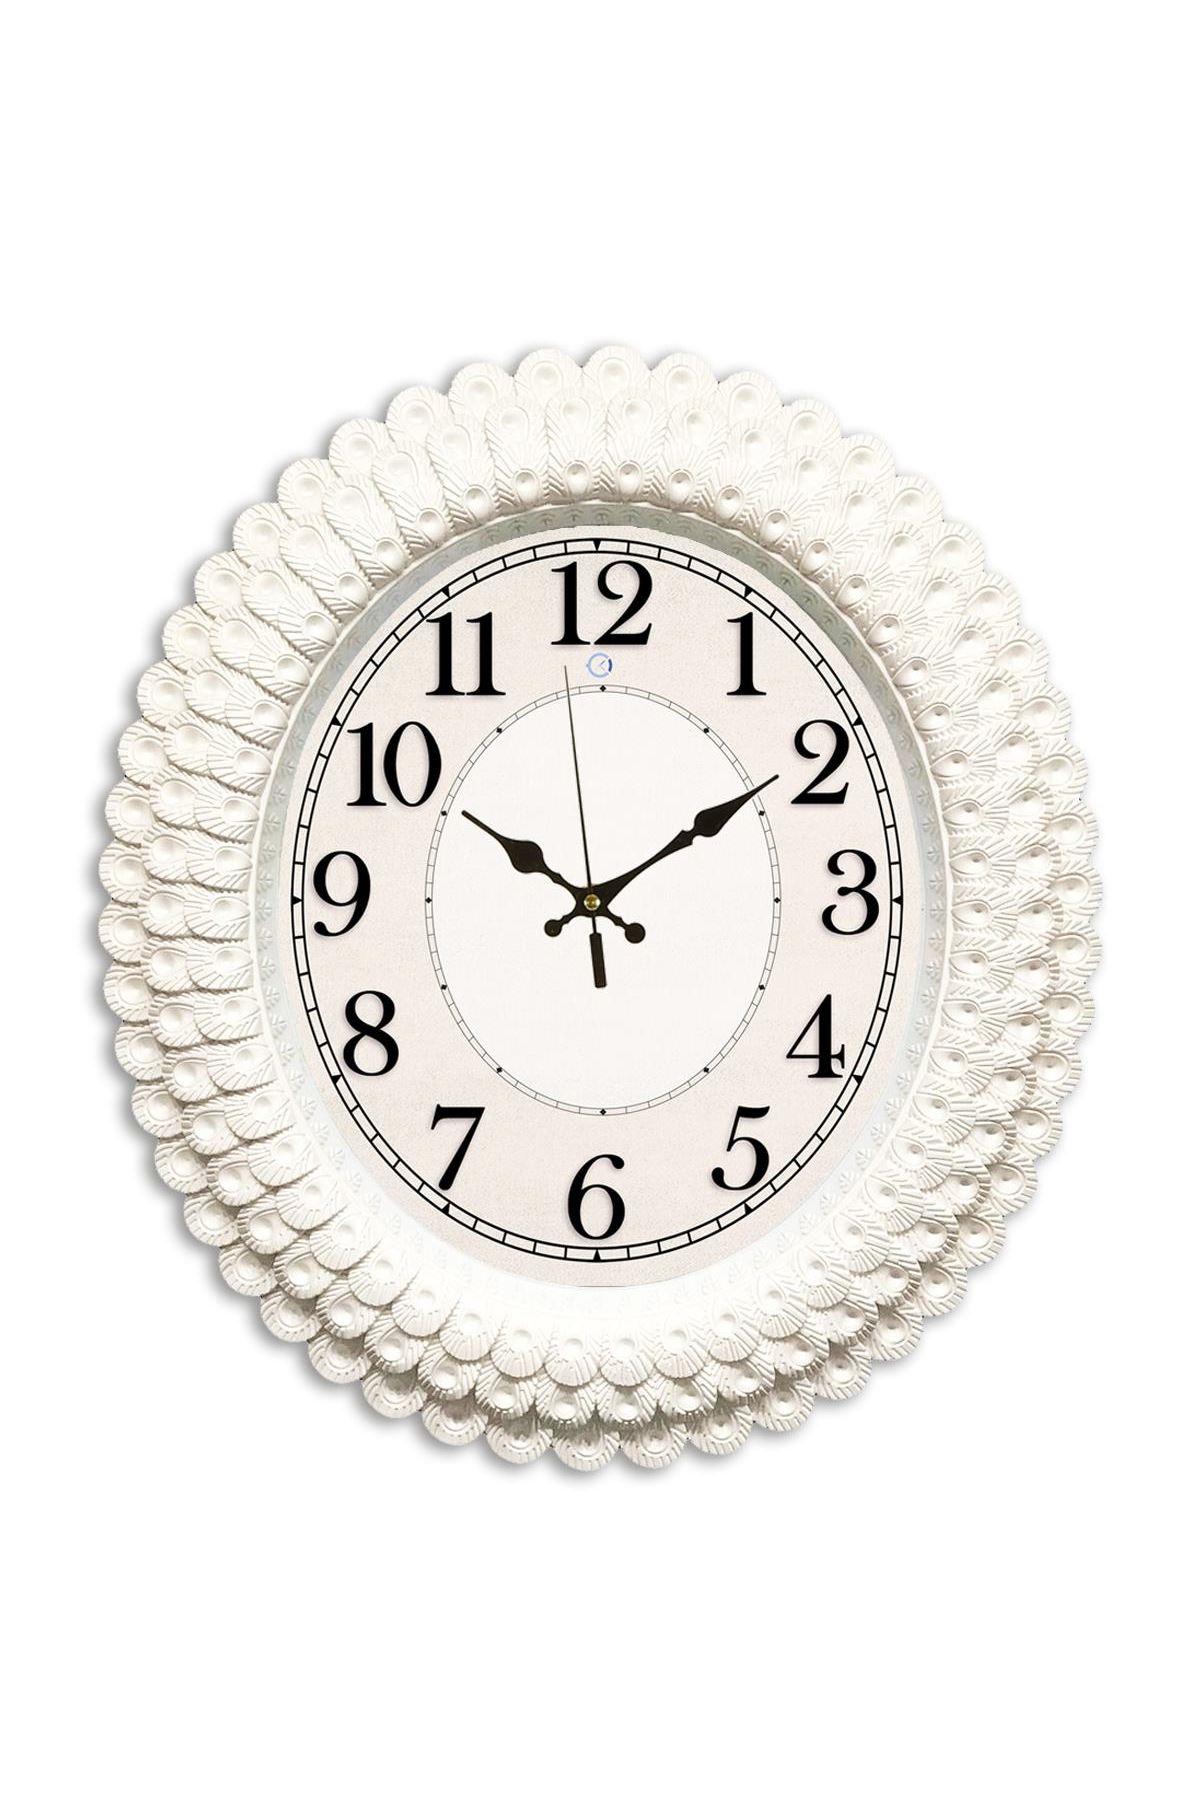 Rikon Oval Gölge Rakamlı Deniz Kabuğu Dekoratif Duvar Saati 48X42 Cm